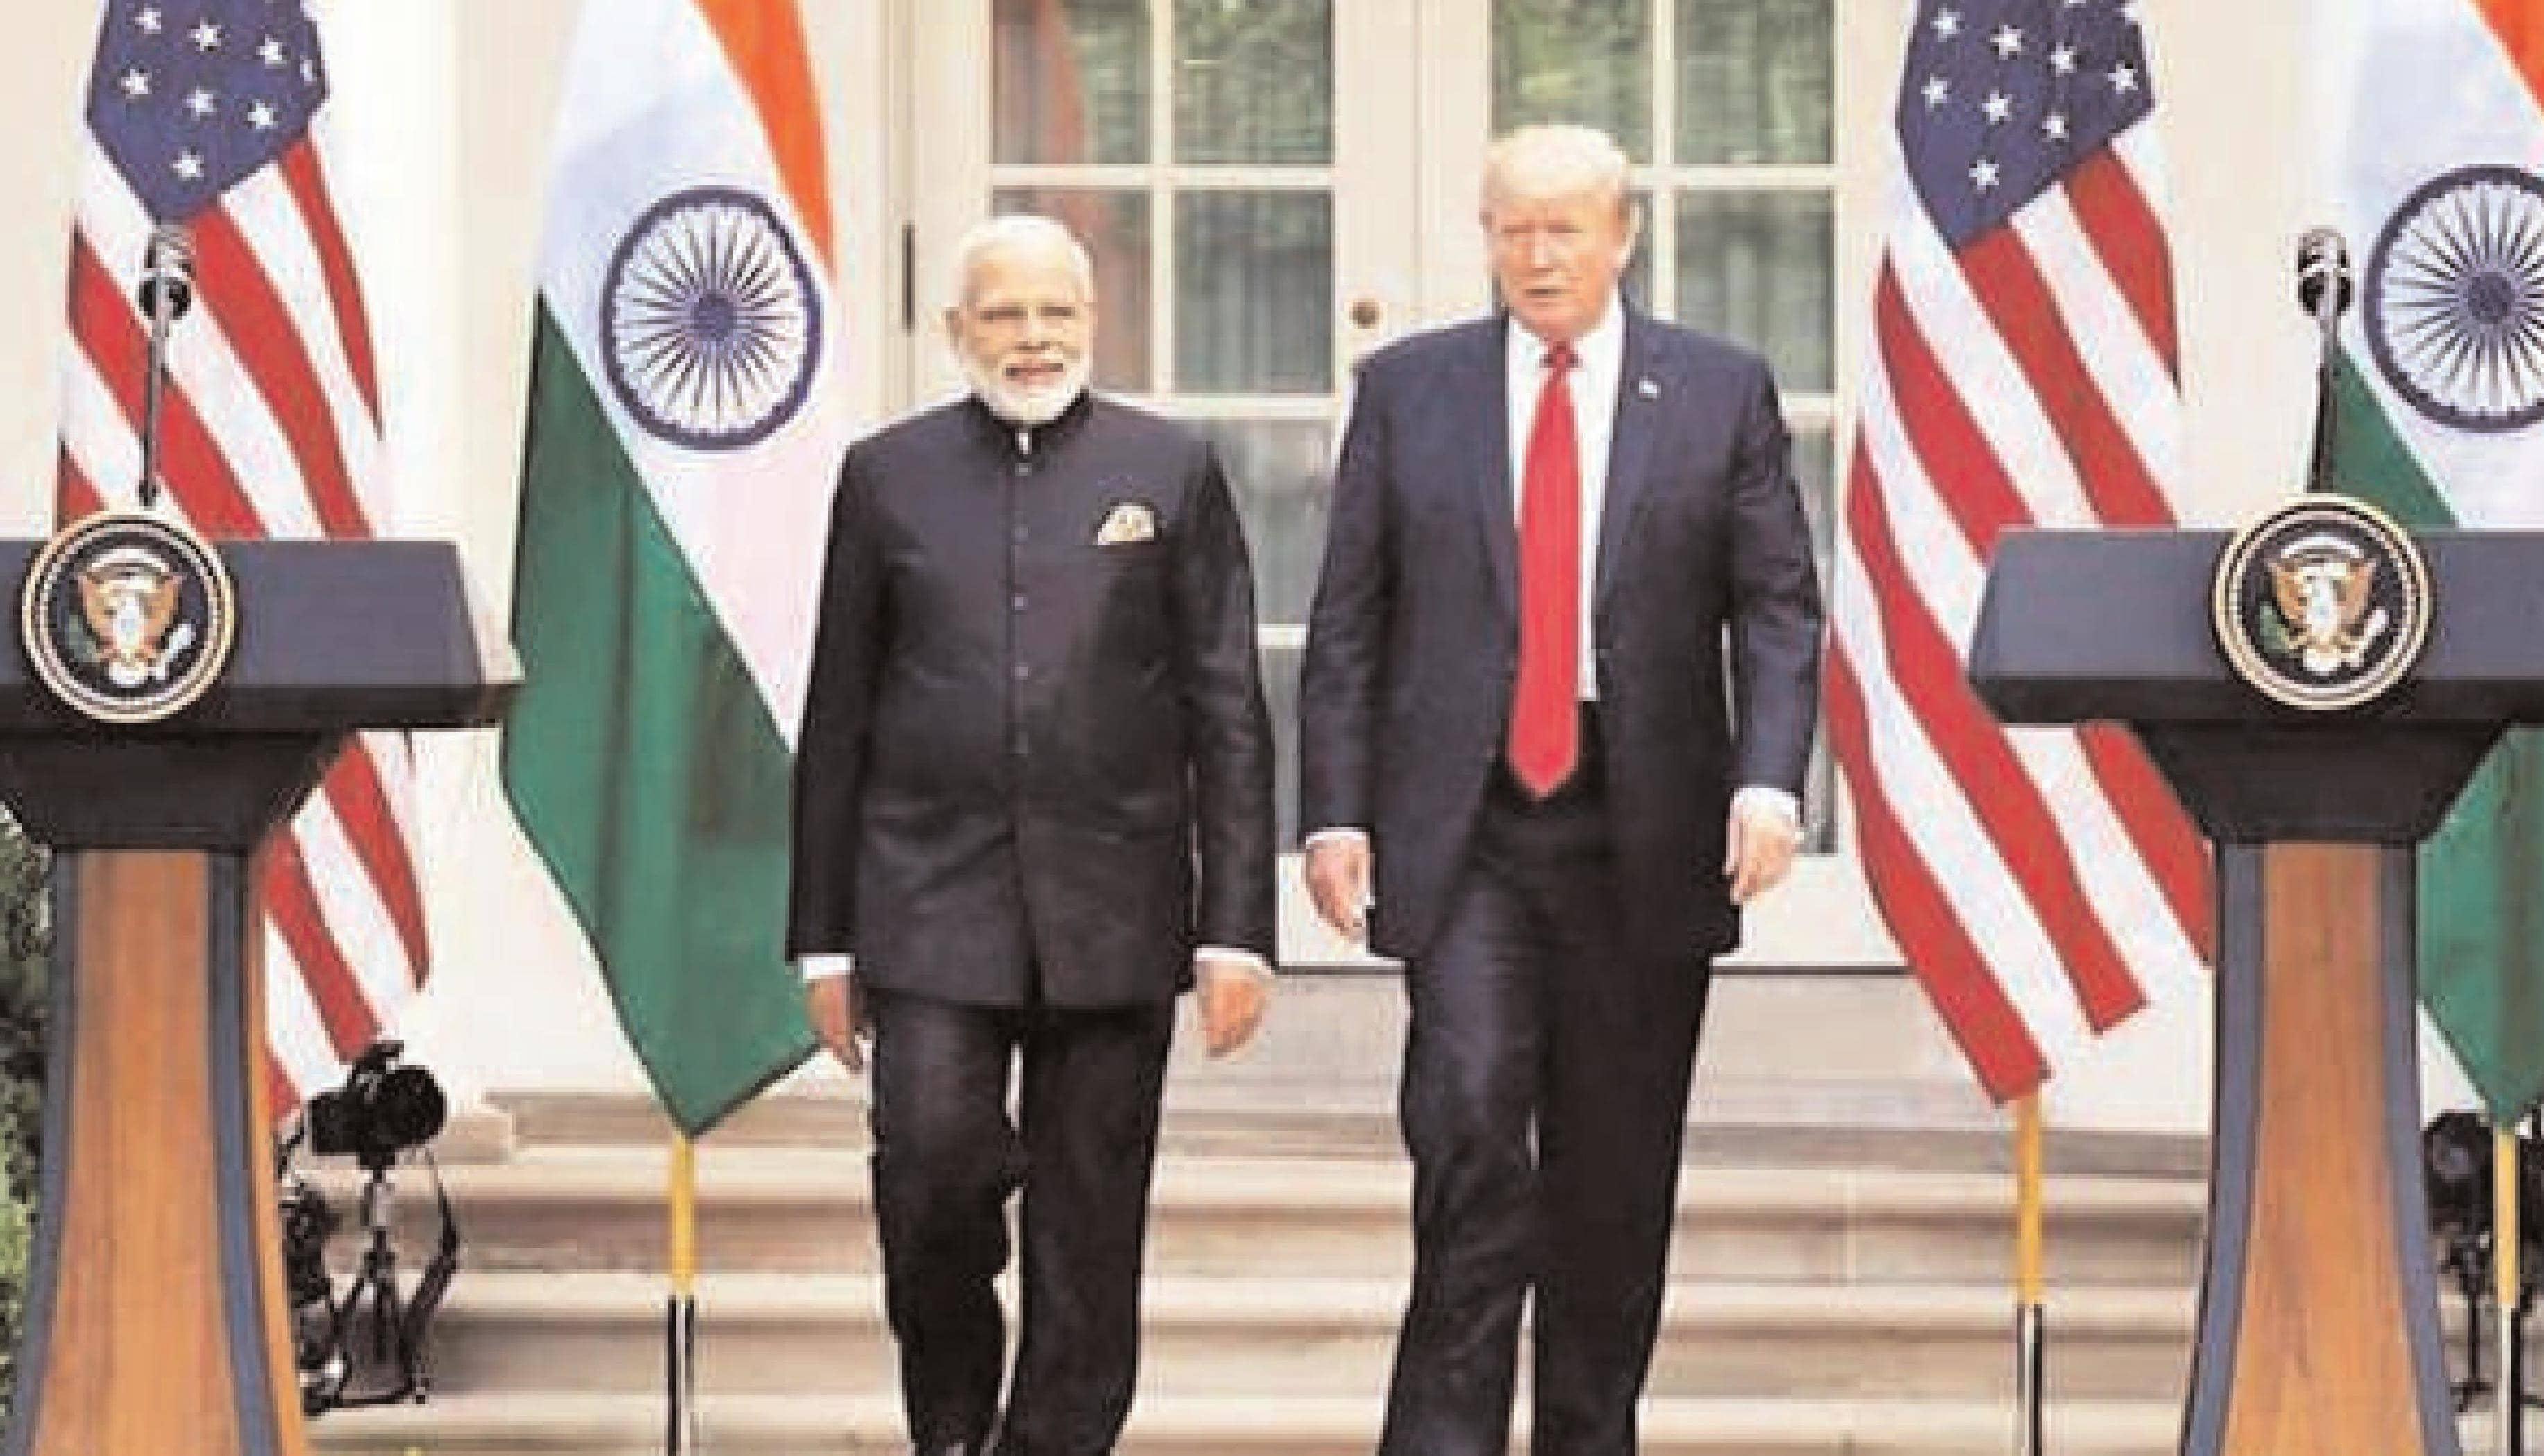 भारत-अमेरिका व्यापार तो बढ़ ही रहा है, मोदी के प्रयासों से निवेश की संभावनाएँ भी बढी